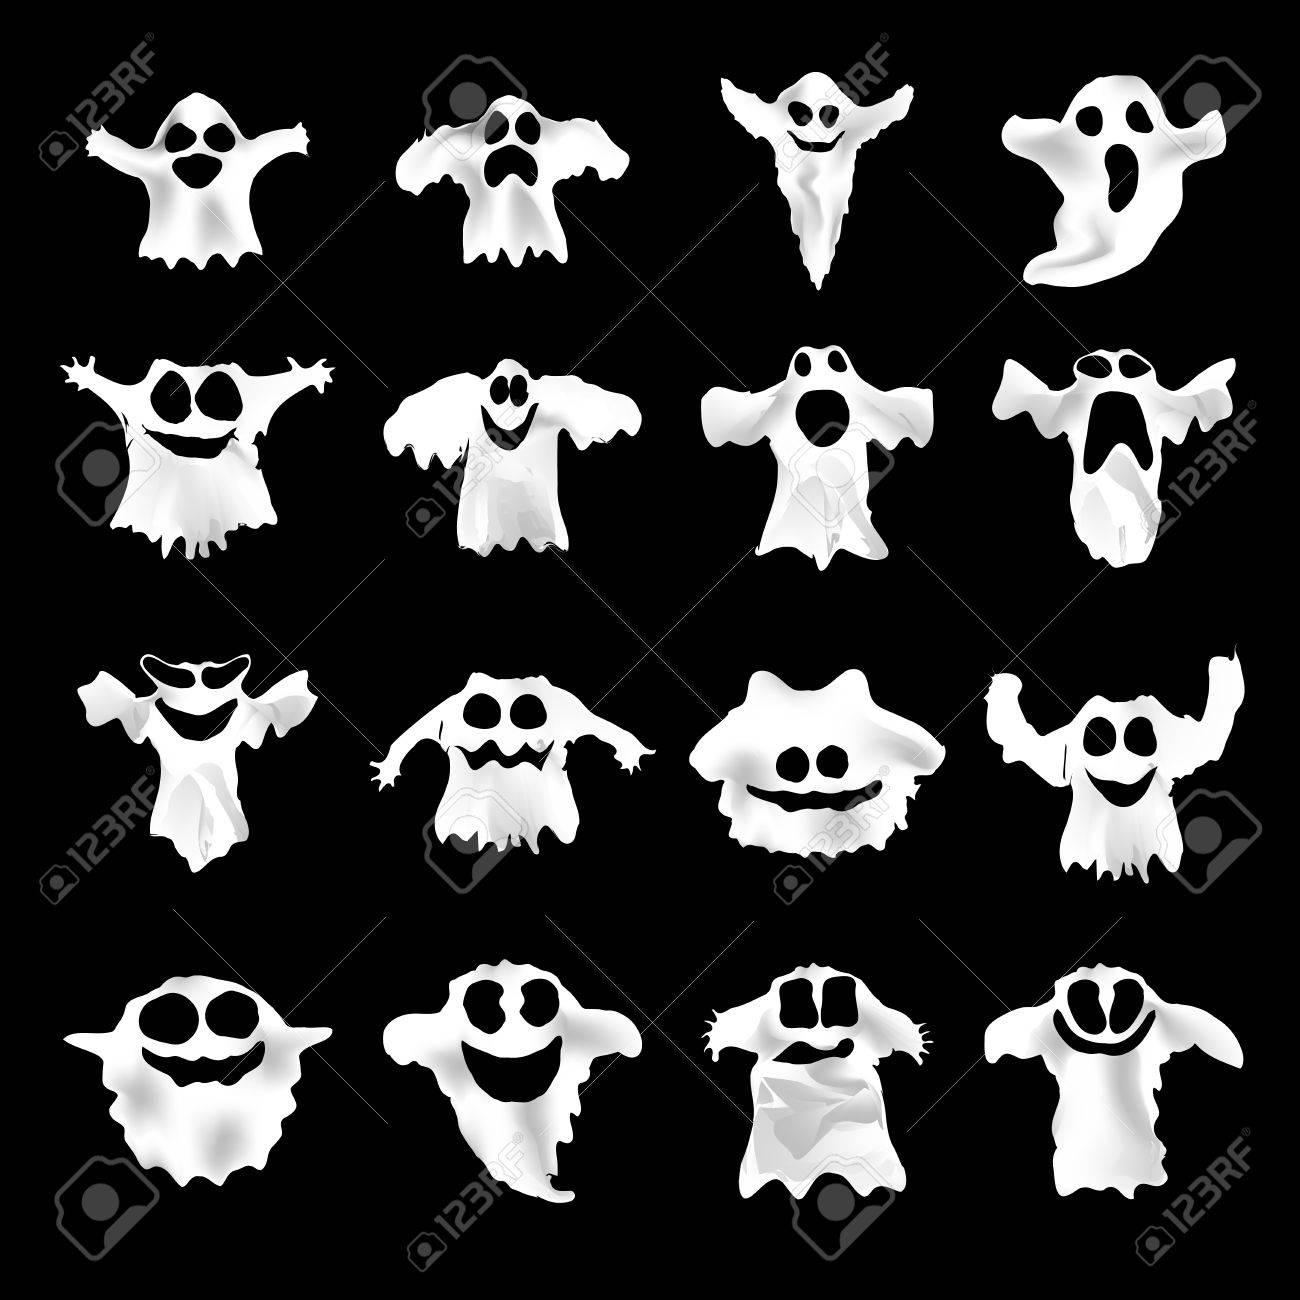 デザインとビジネスのための別の表現でハロウィーン白幽霊のセットです